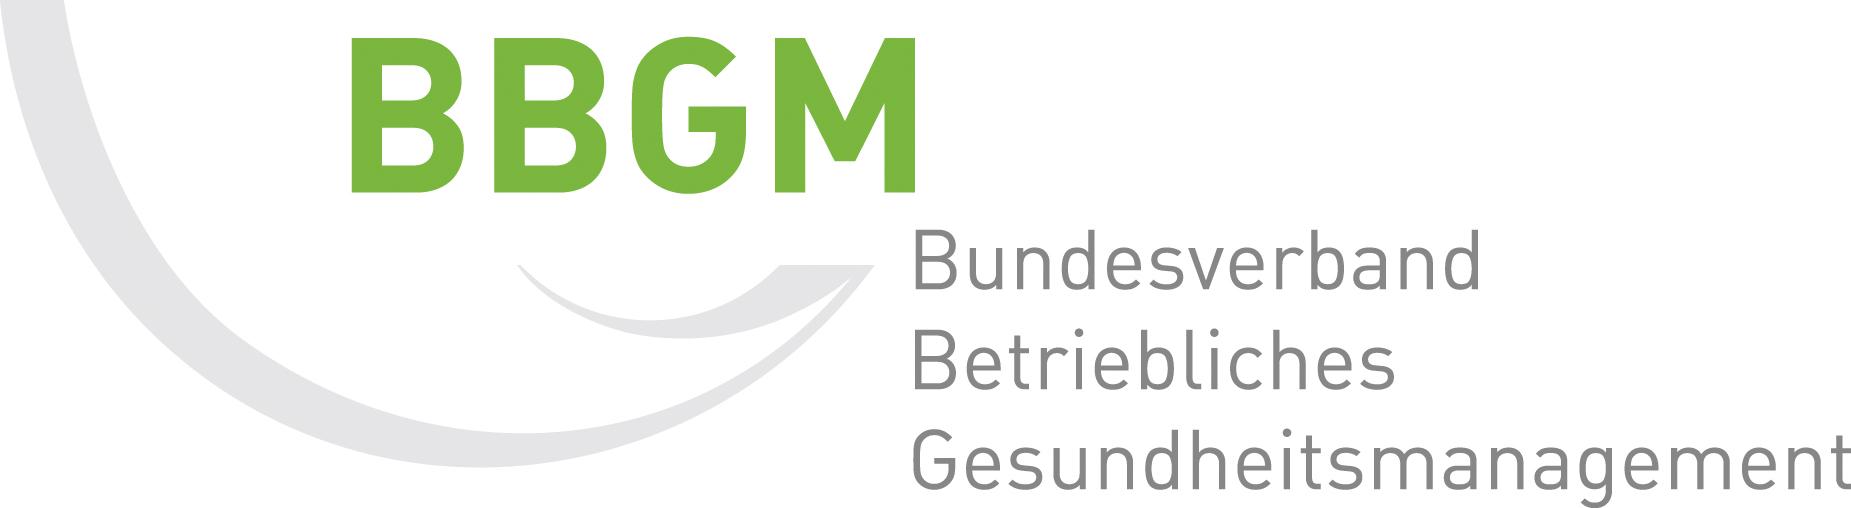 Bundesverband Betriebliches Gesundheitsmanagement e.V.